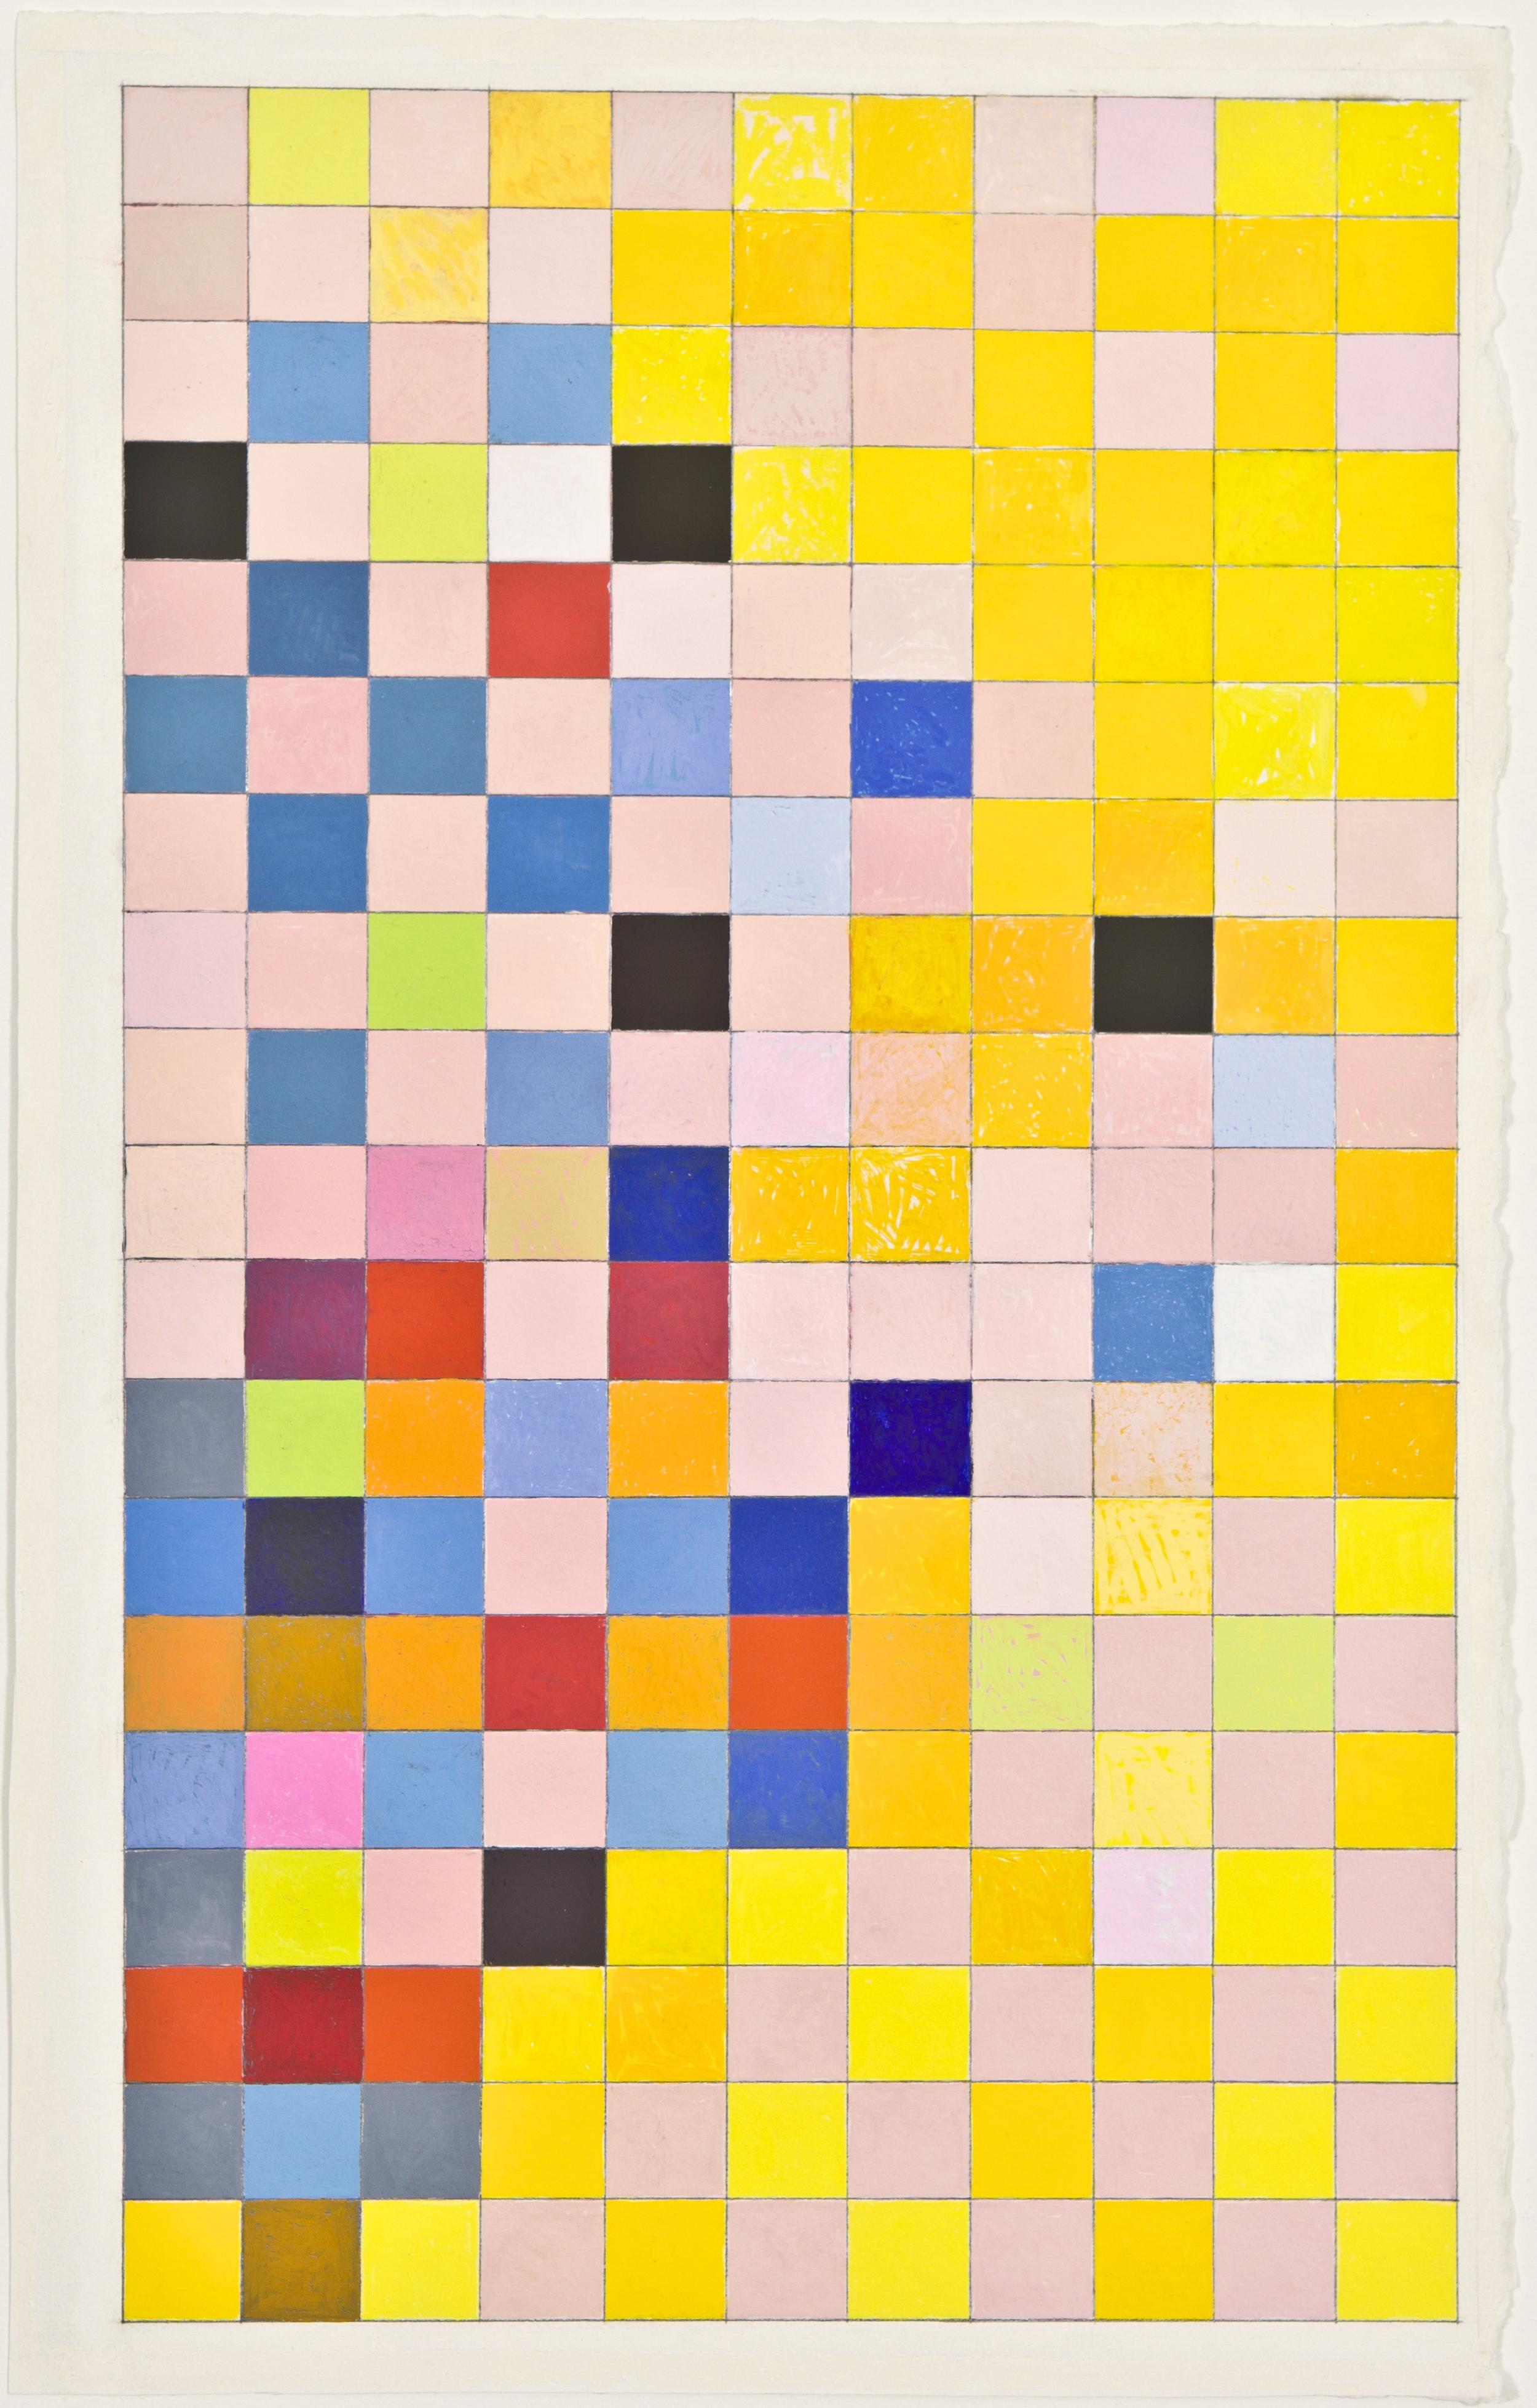 """Grid, 2012, gouache on paper, 28 1/2""""x17 1/4"""""""